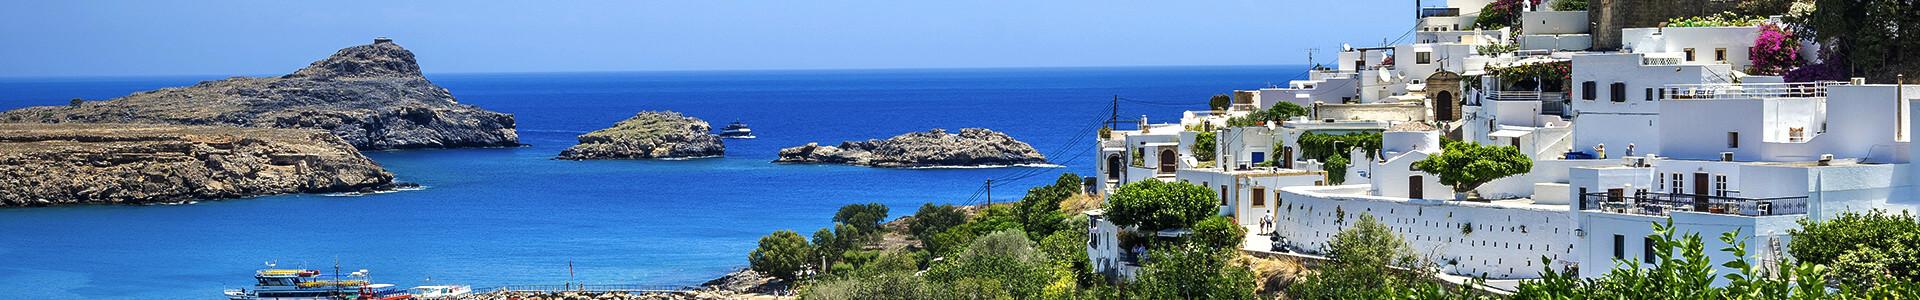 Voyage Rhodes - TUI